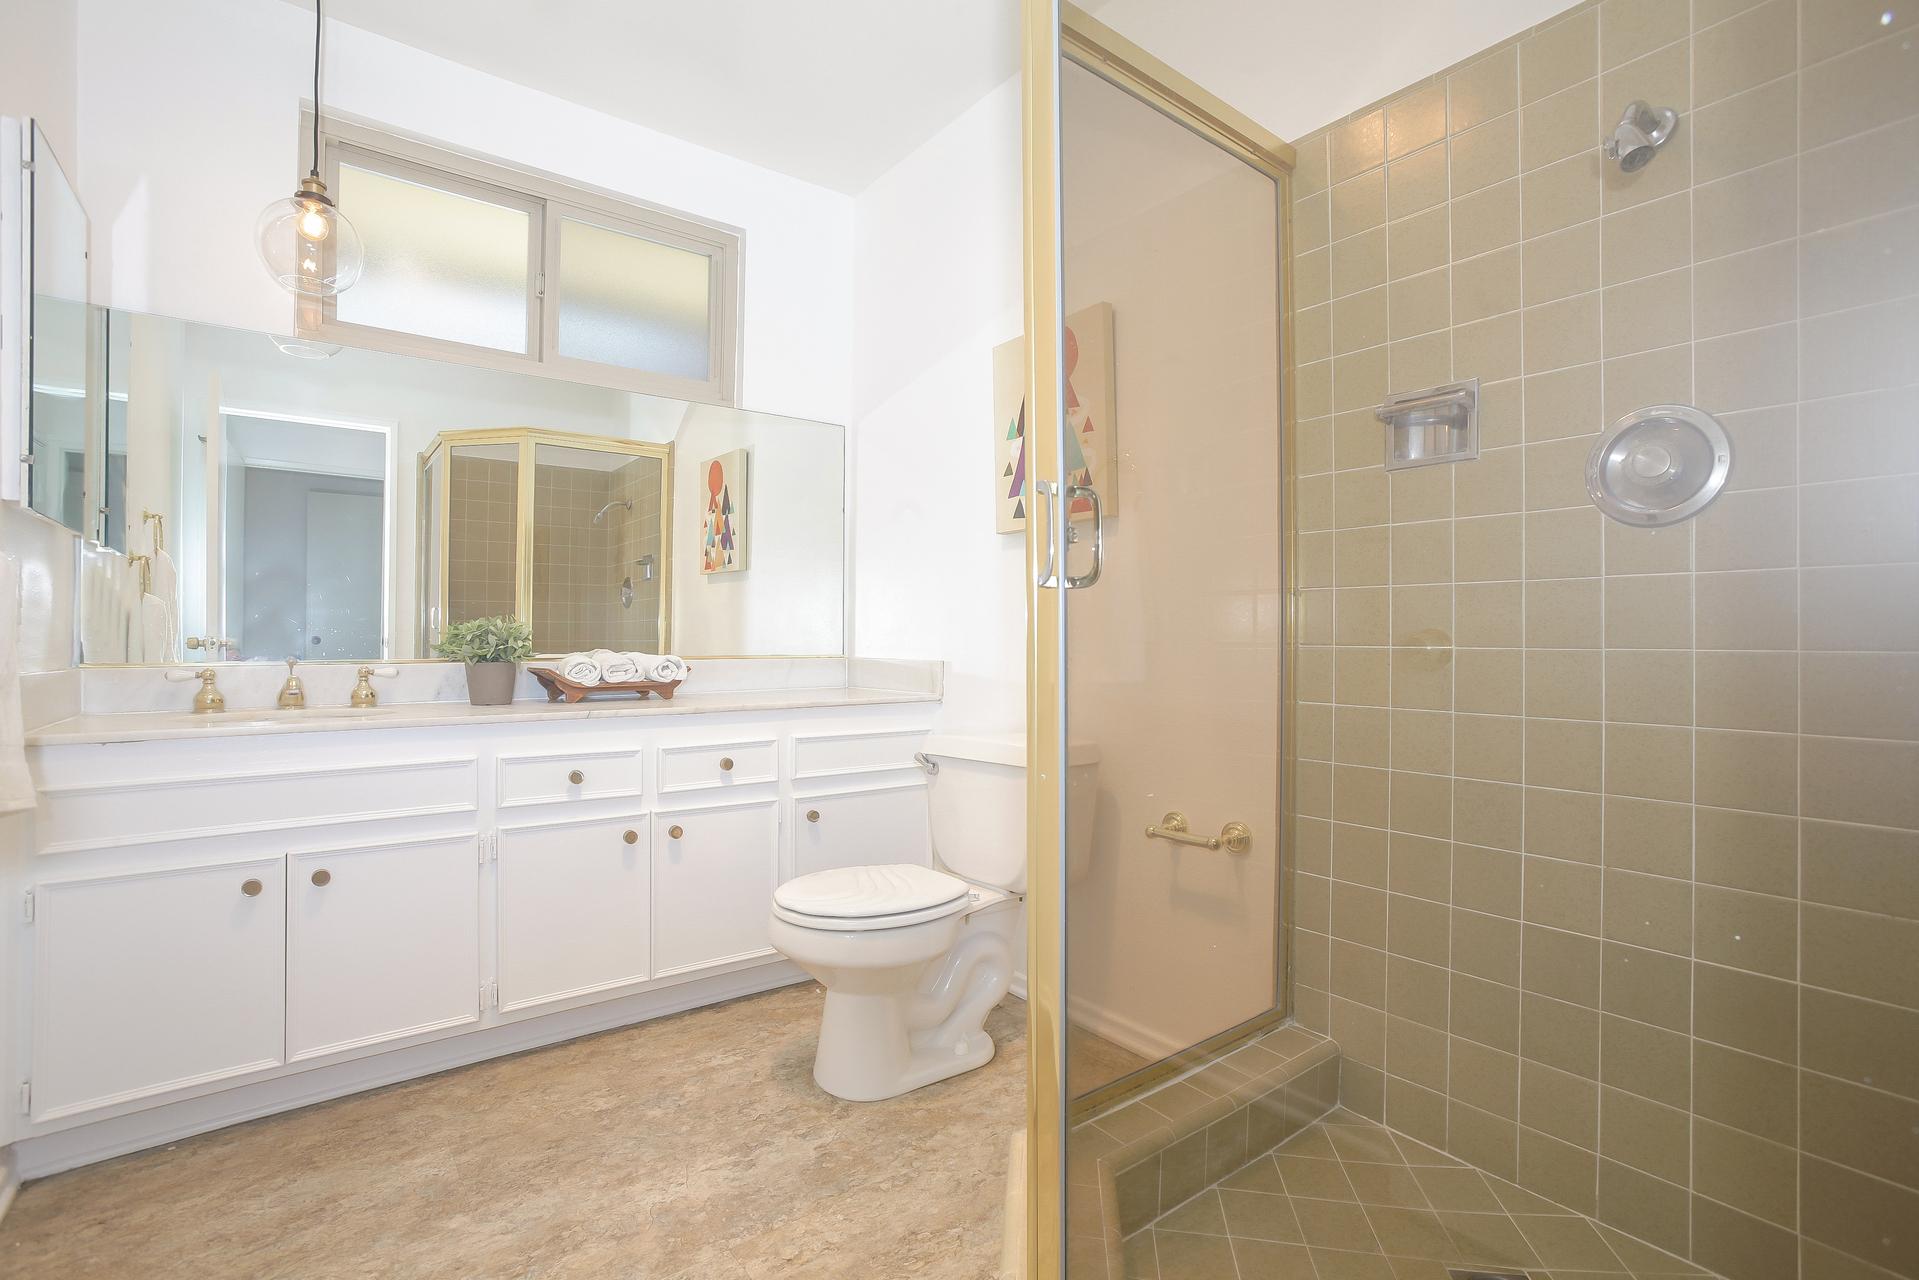 027-front_Bathroom-4443094-medium.jpg